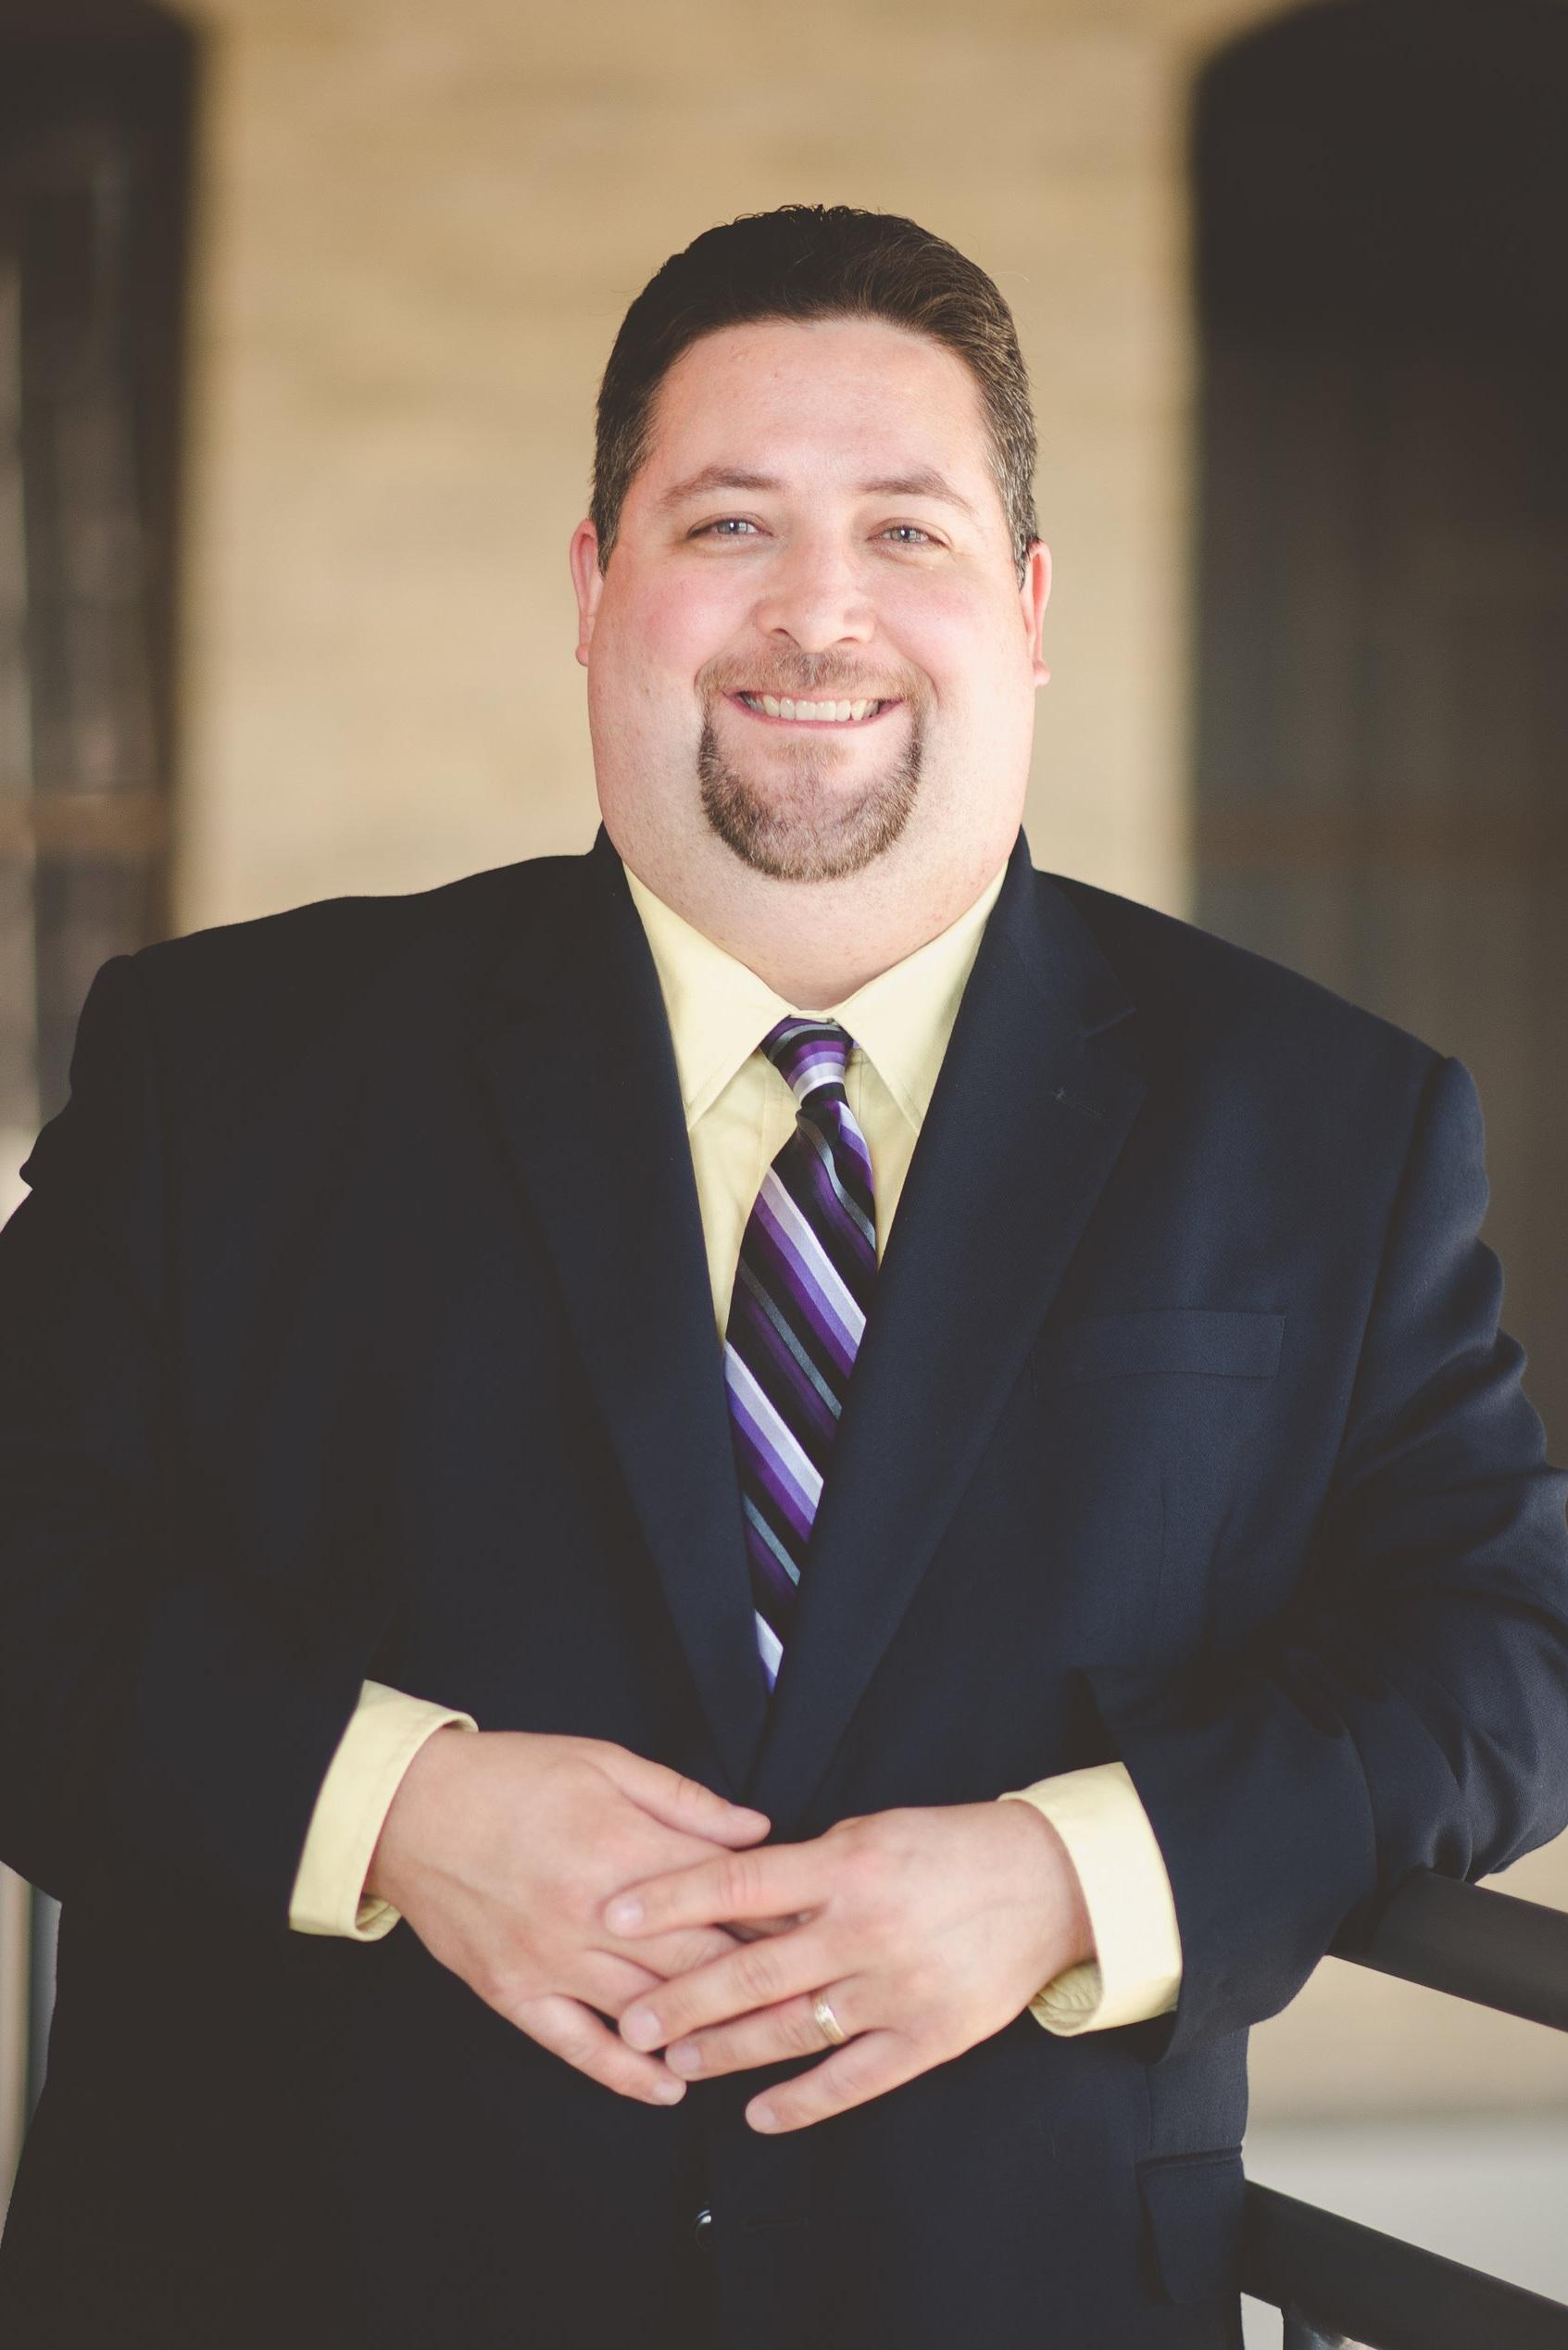 Eric R. Pangburn - epangburn@westdunn.com(920) 249-5535